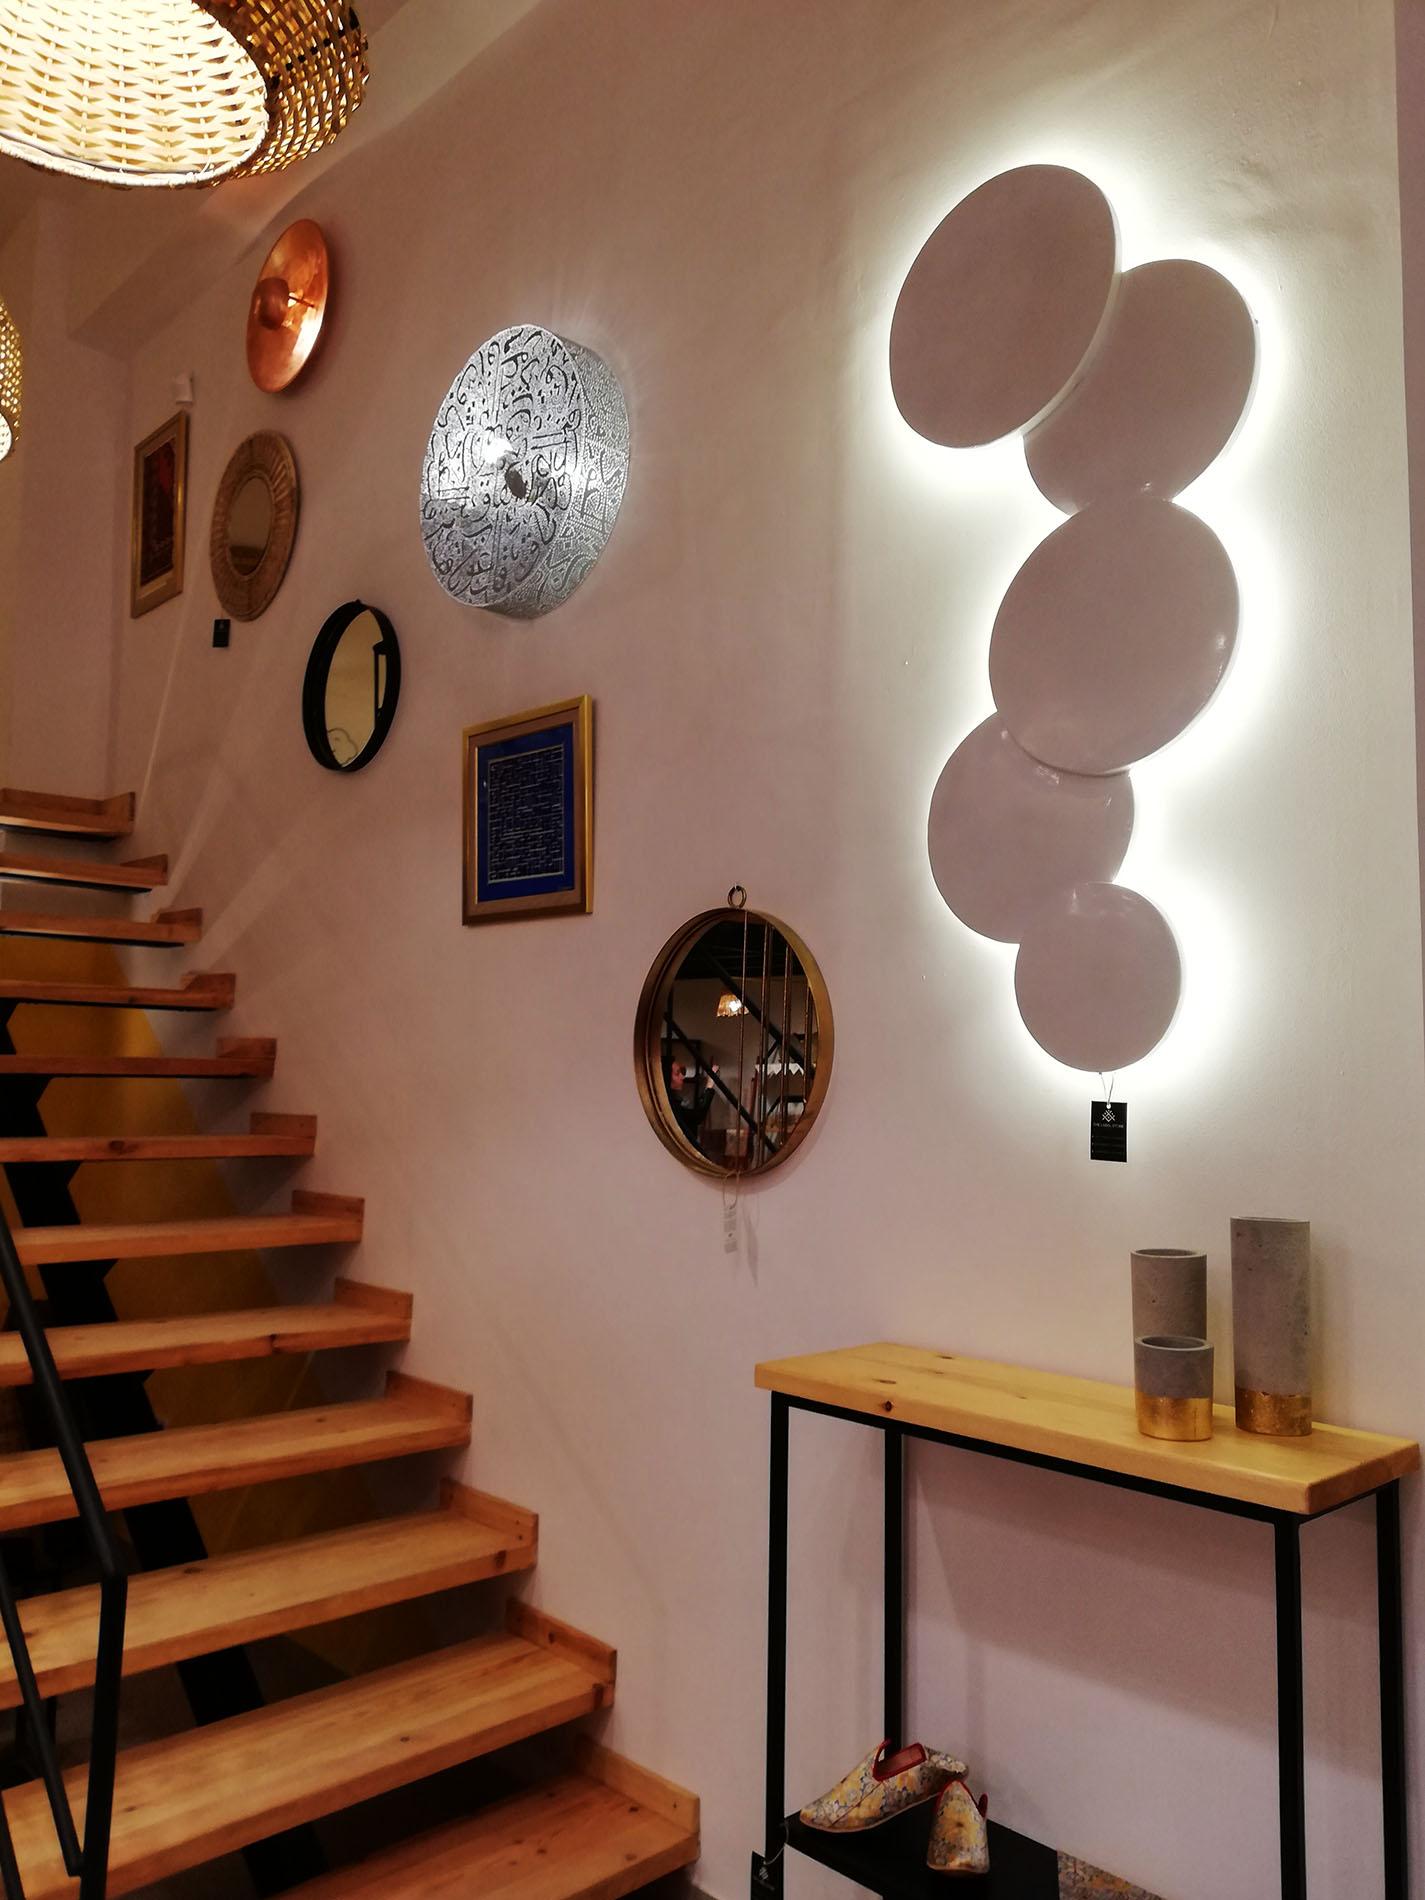 The_Label_Concept-Store_Tunisie_Amine_Yaiche